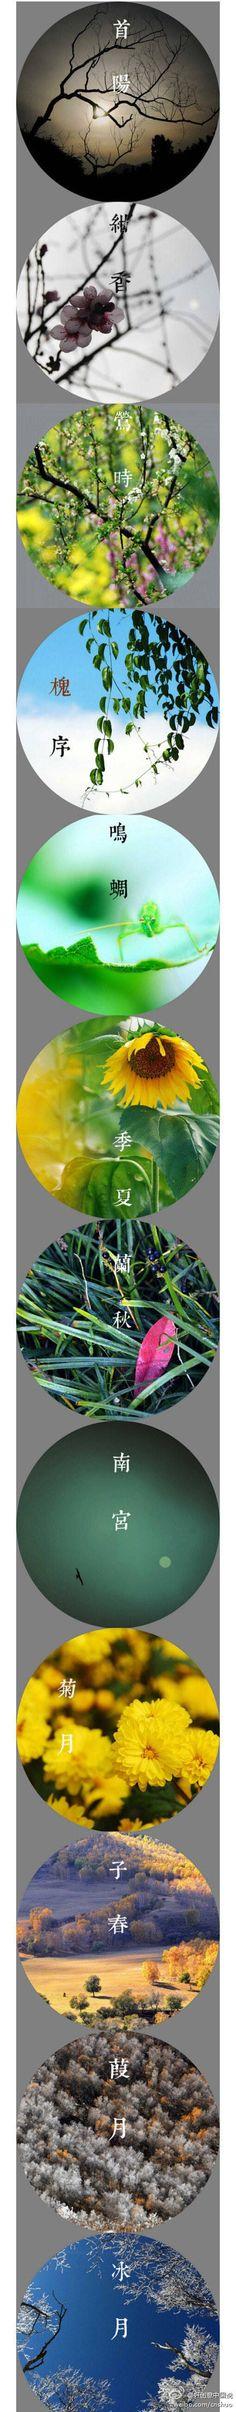 農曆十二個月之別稱